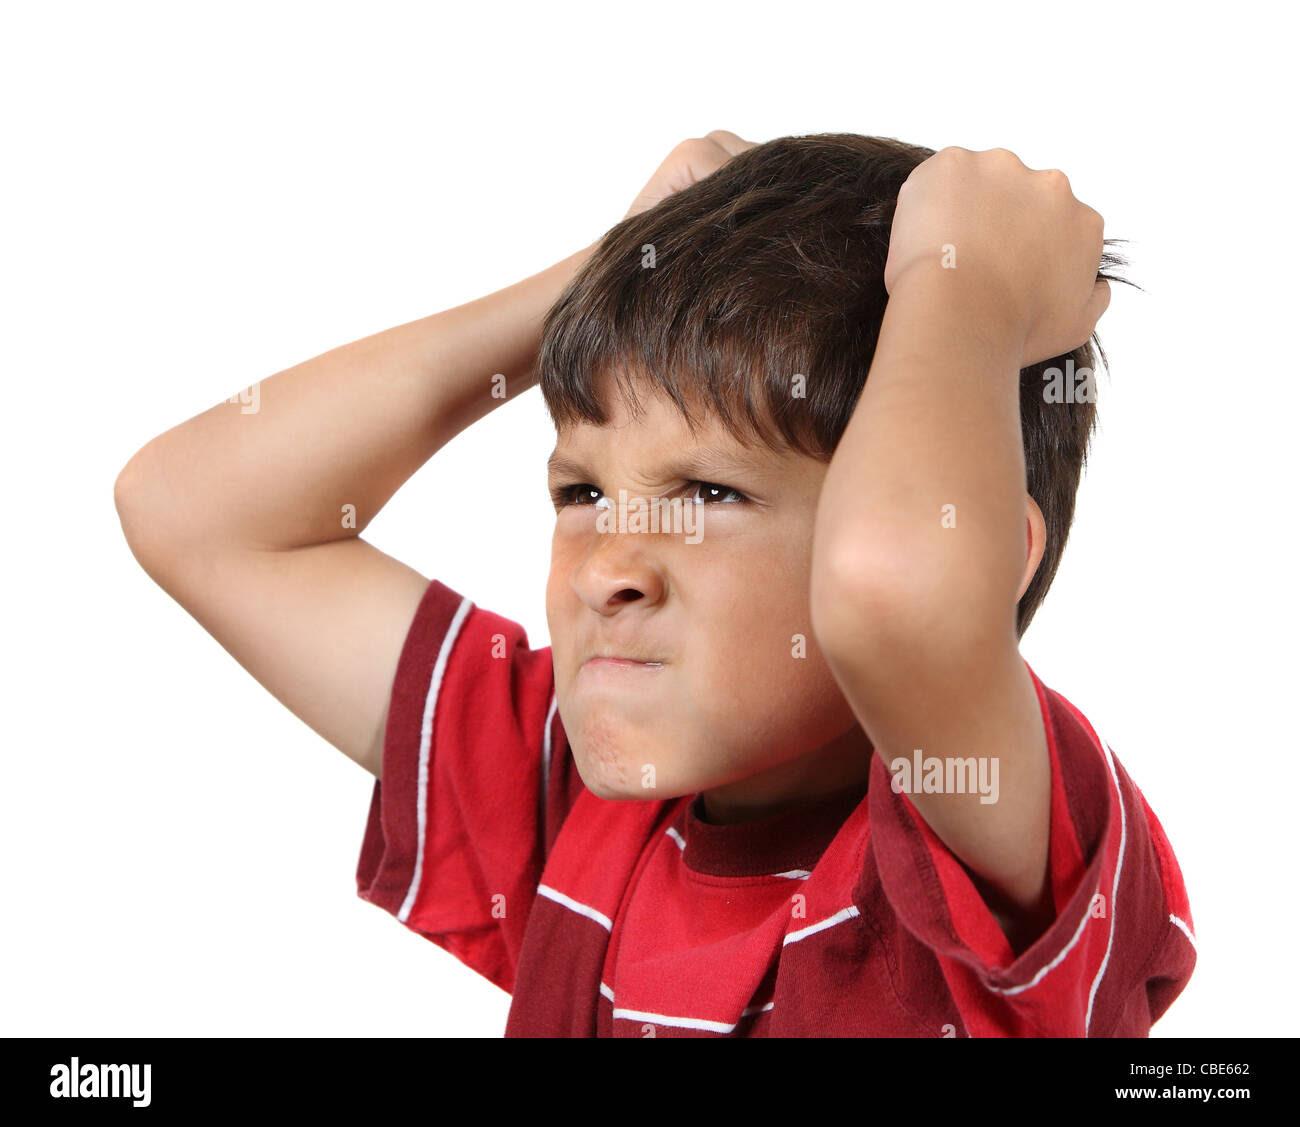 Αποτέλεσμα εικόνας για a man who is grabbing his hair